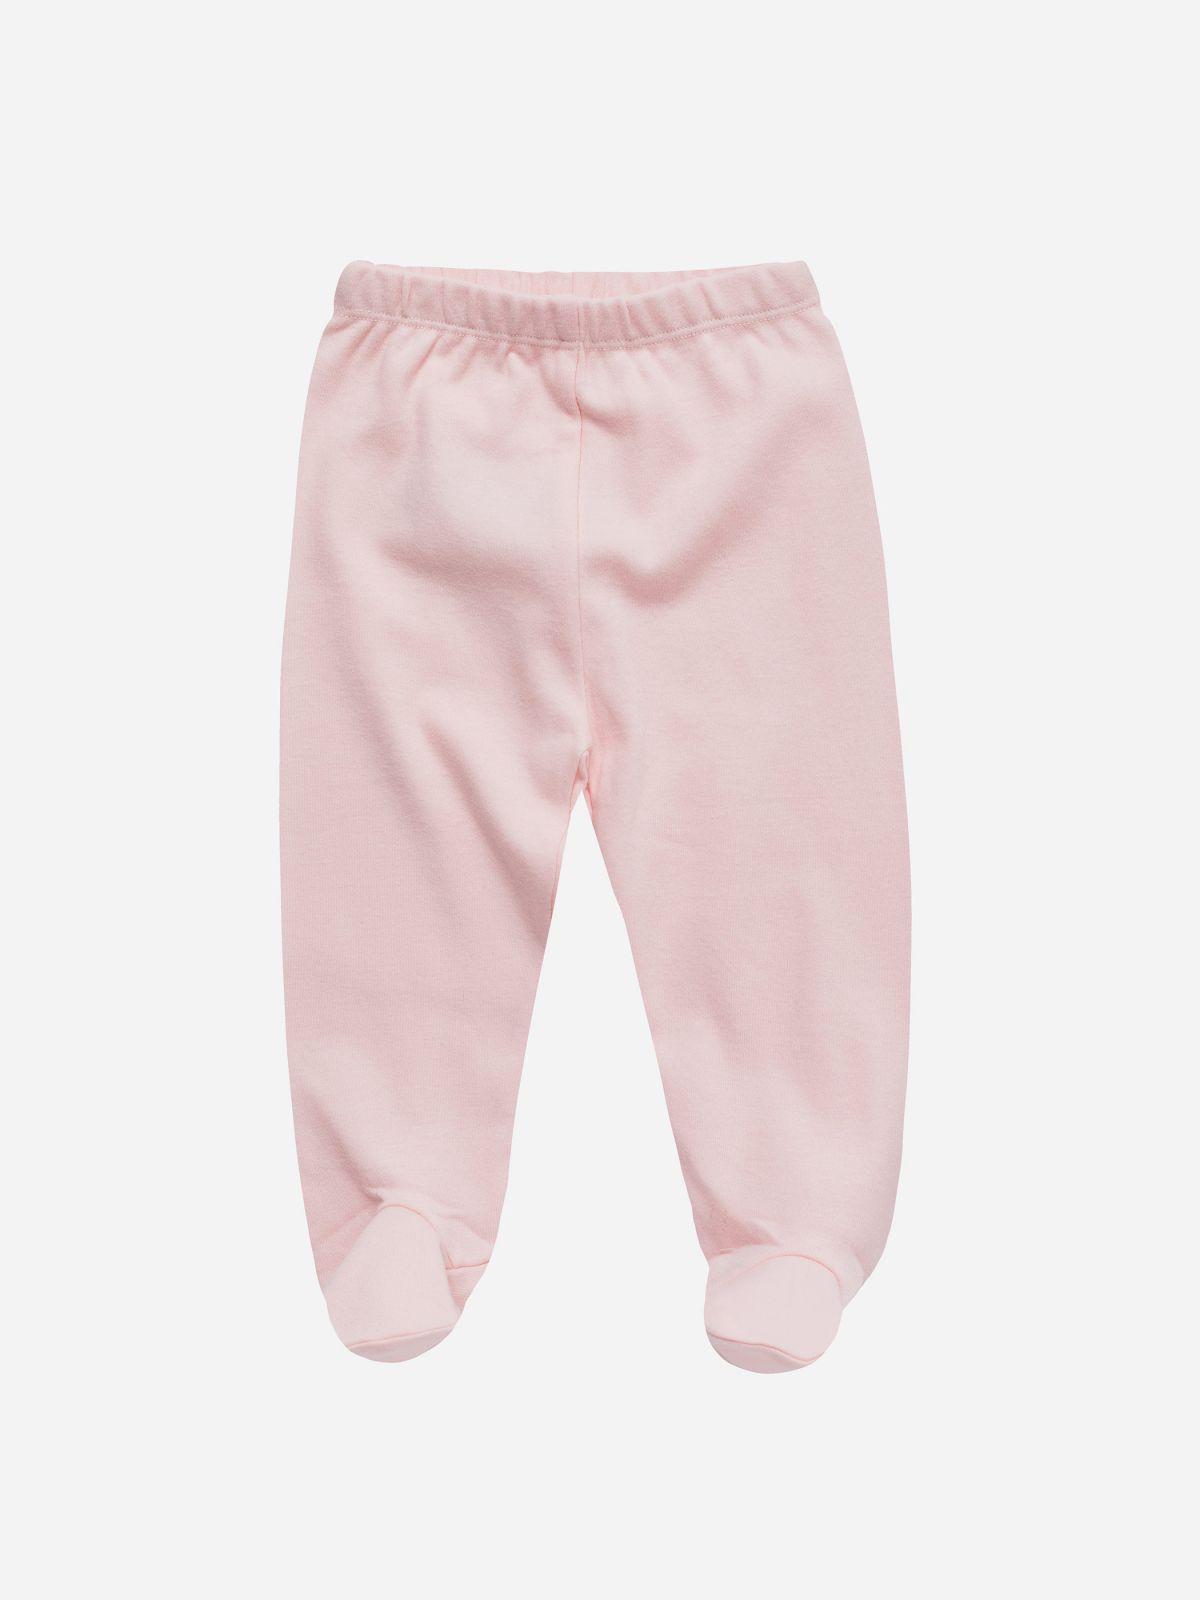 מכנסיים ארוכים עם רגליות / N.B-24Mמכנסיים ארוכים עם רגליות / N.B-24M של FOX